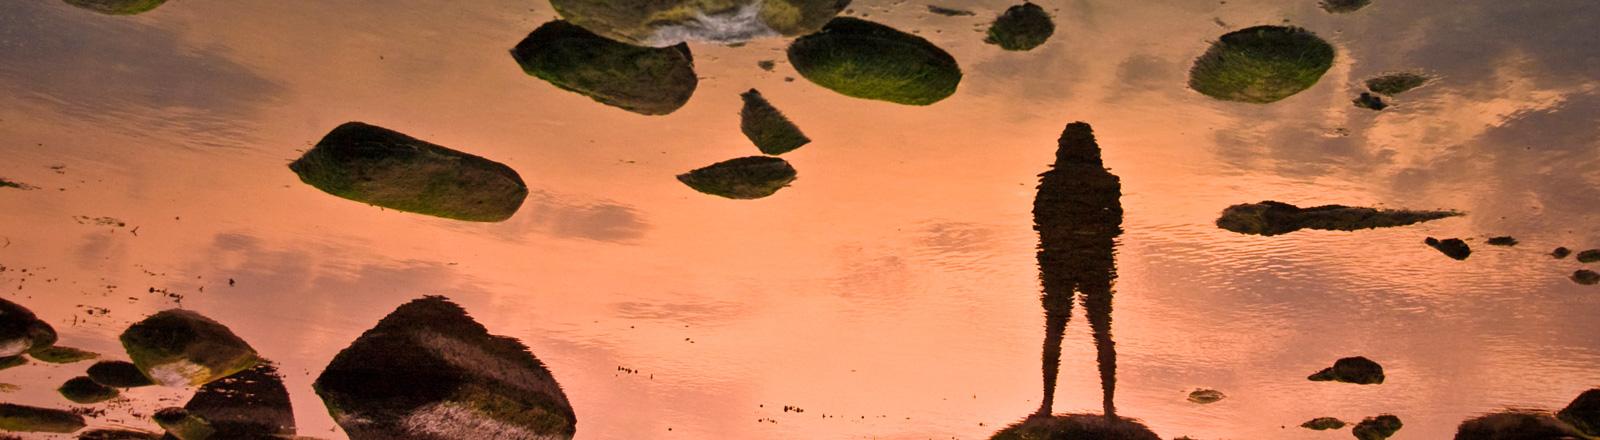 Schatten eines Menschen vor orangenfarbenem Hintergrund. Steine fliegen durch die Luft.